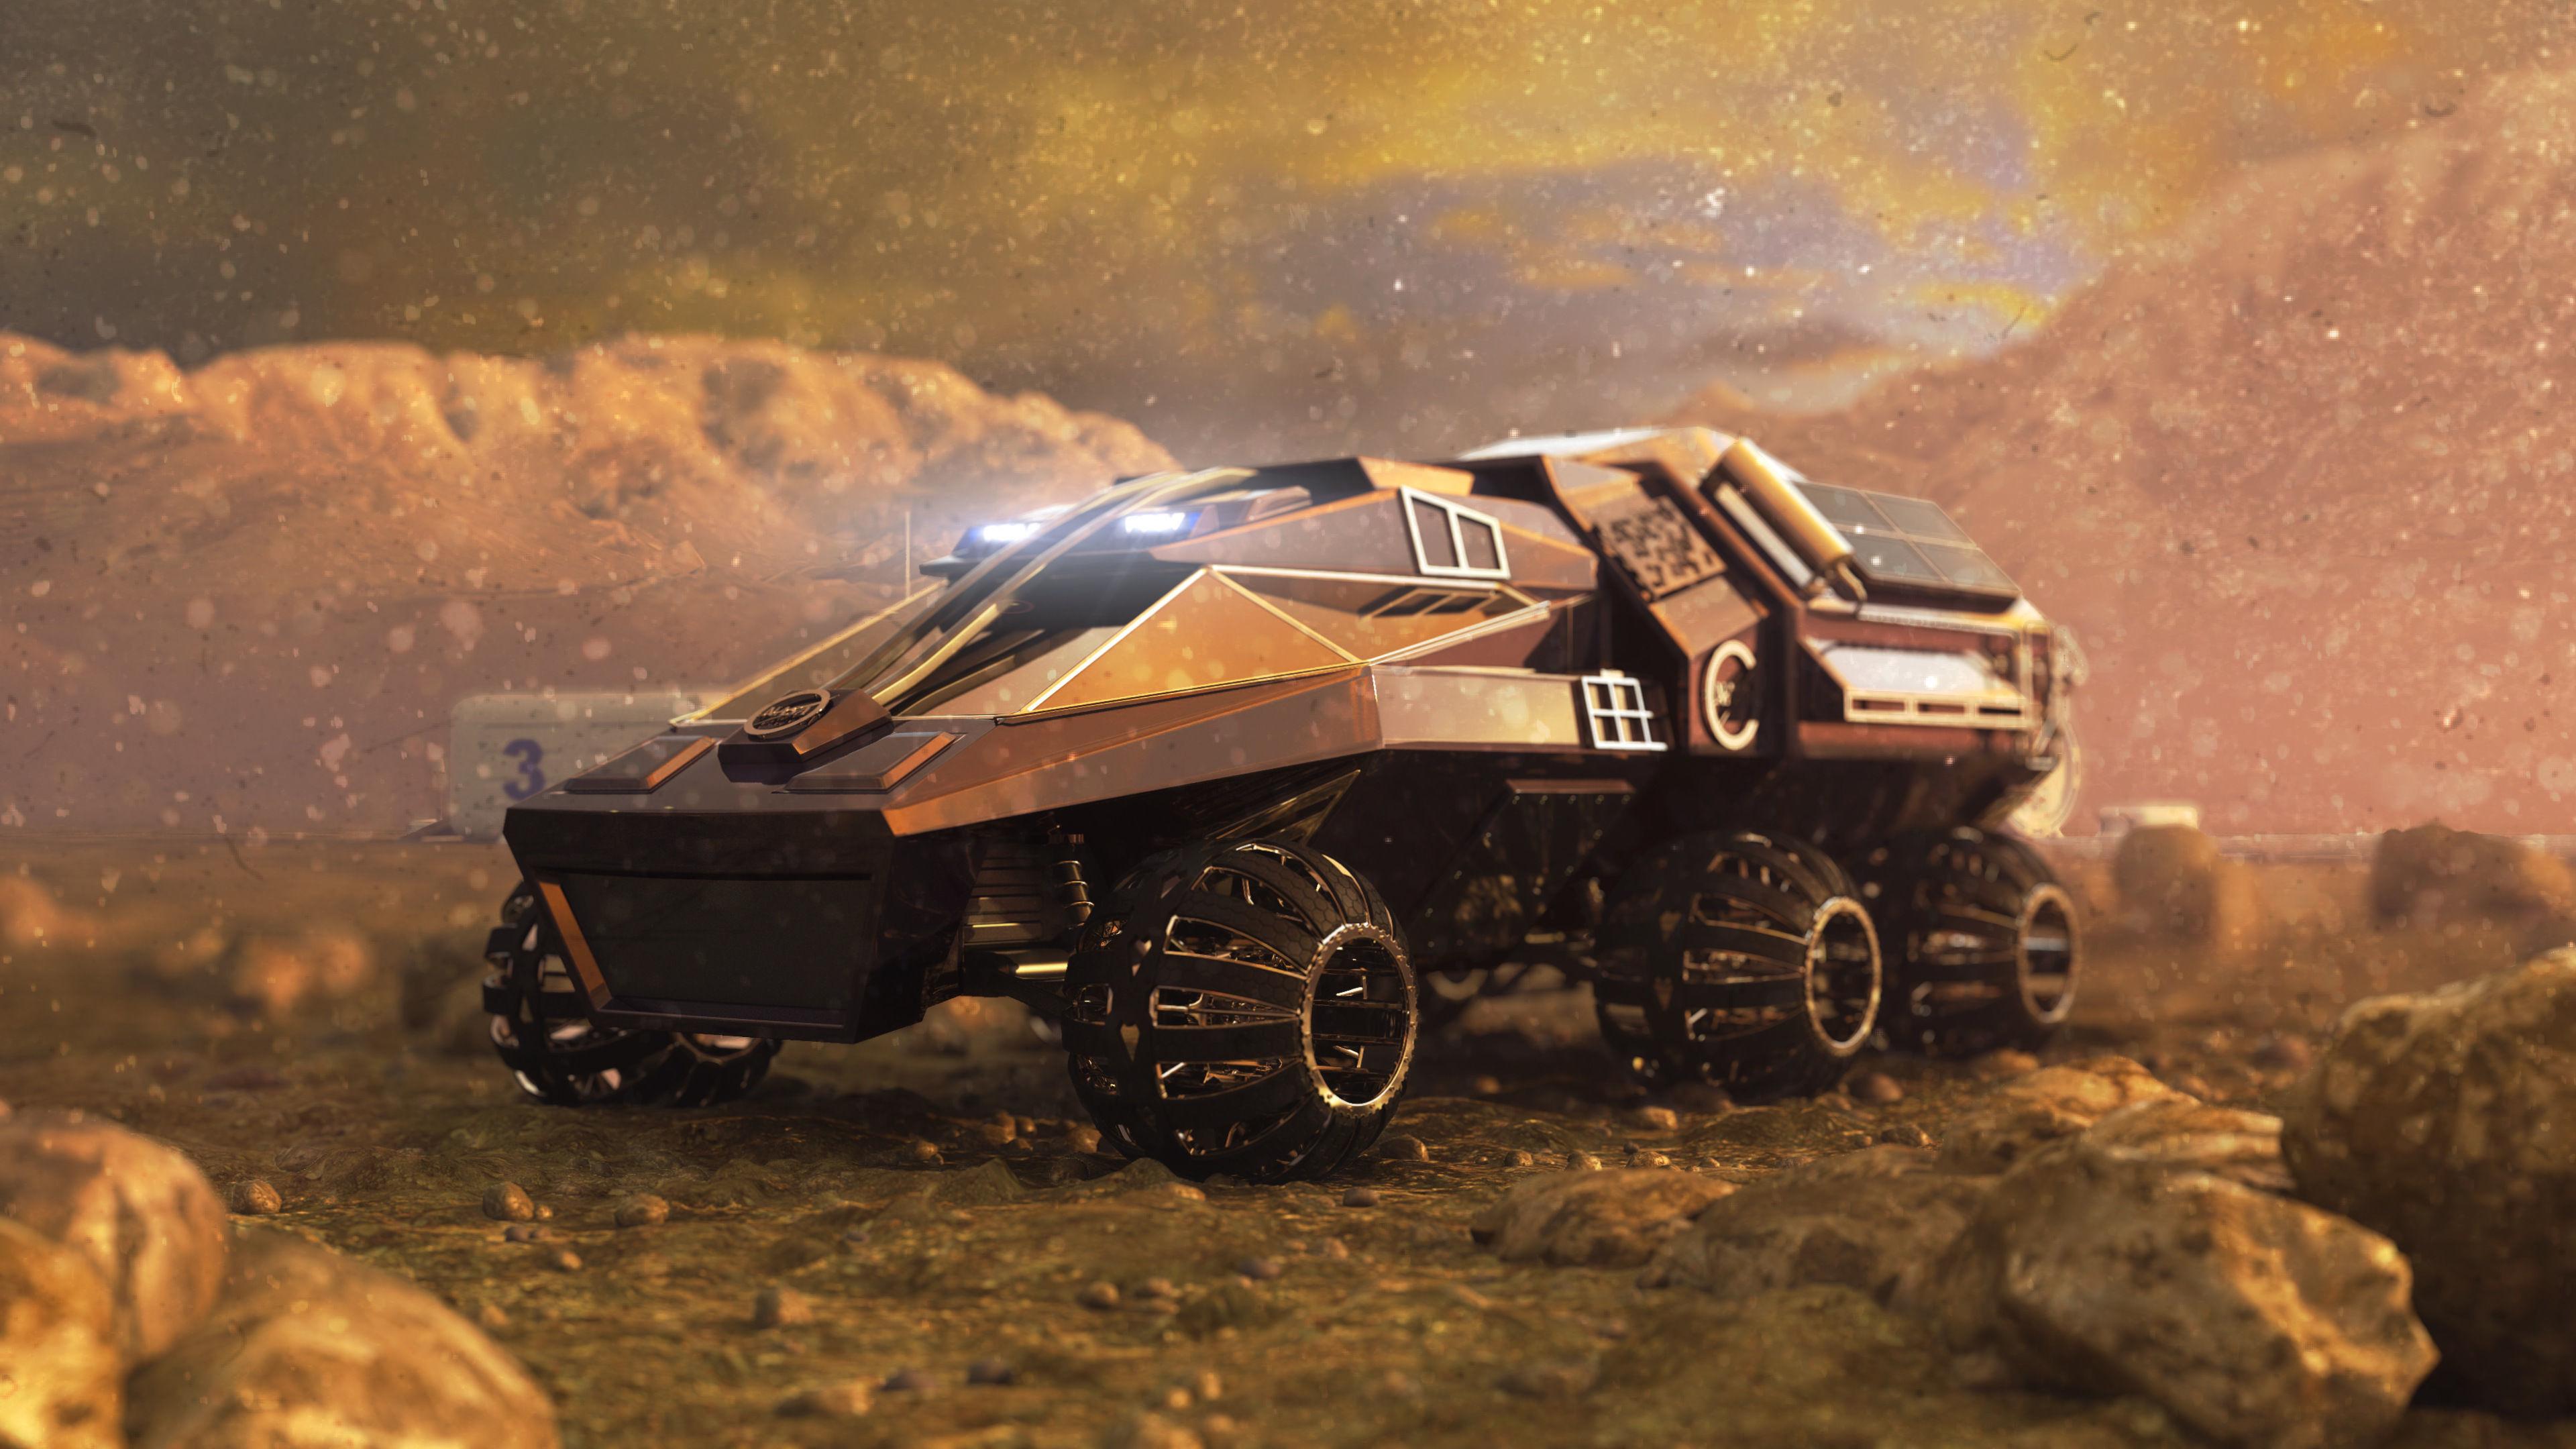 Mars Rover NASA prototype